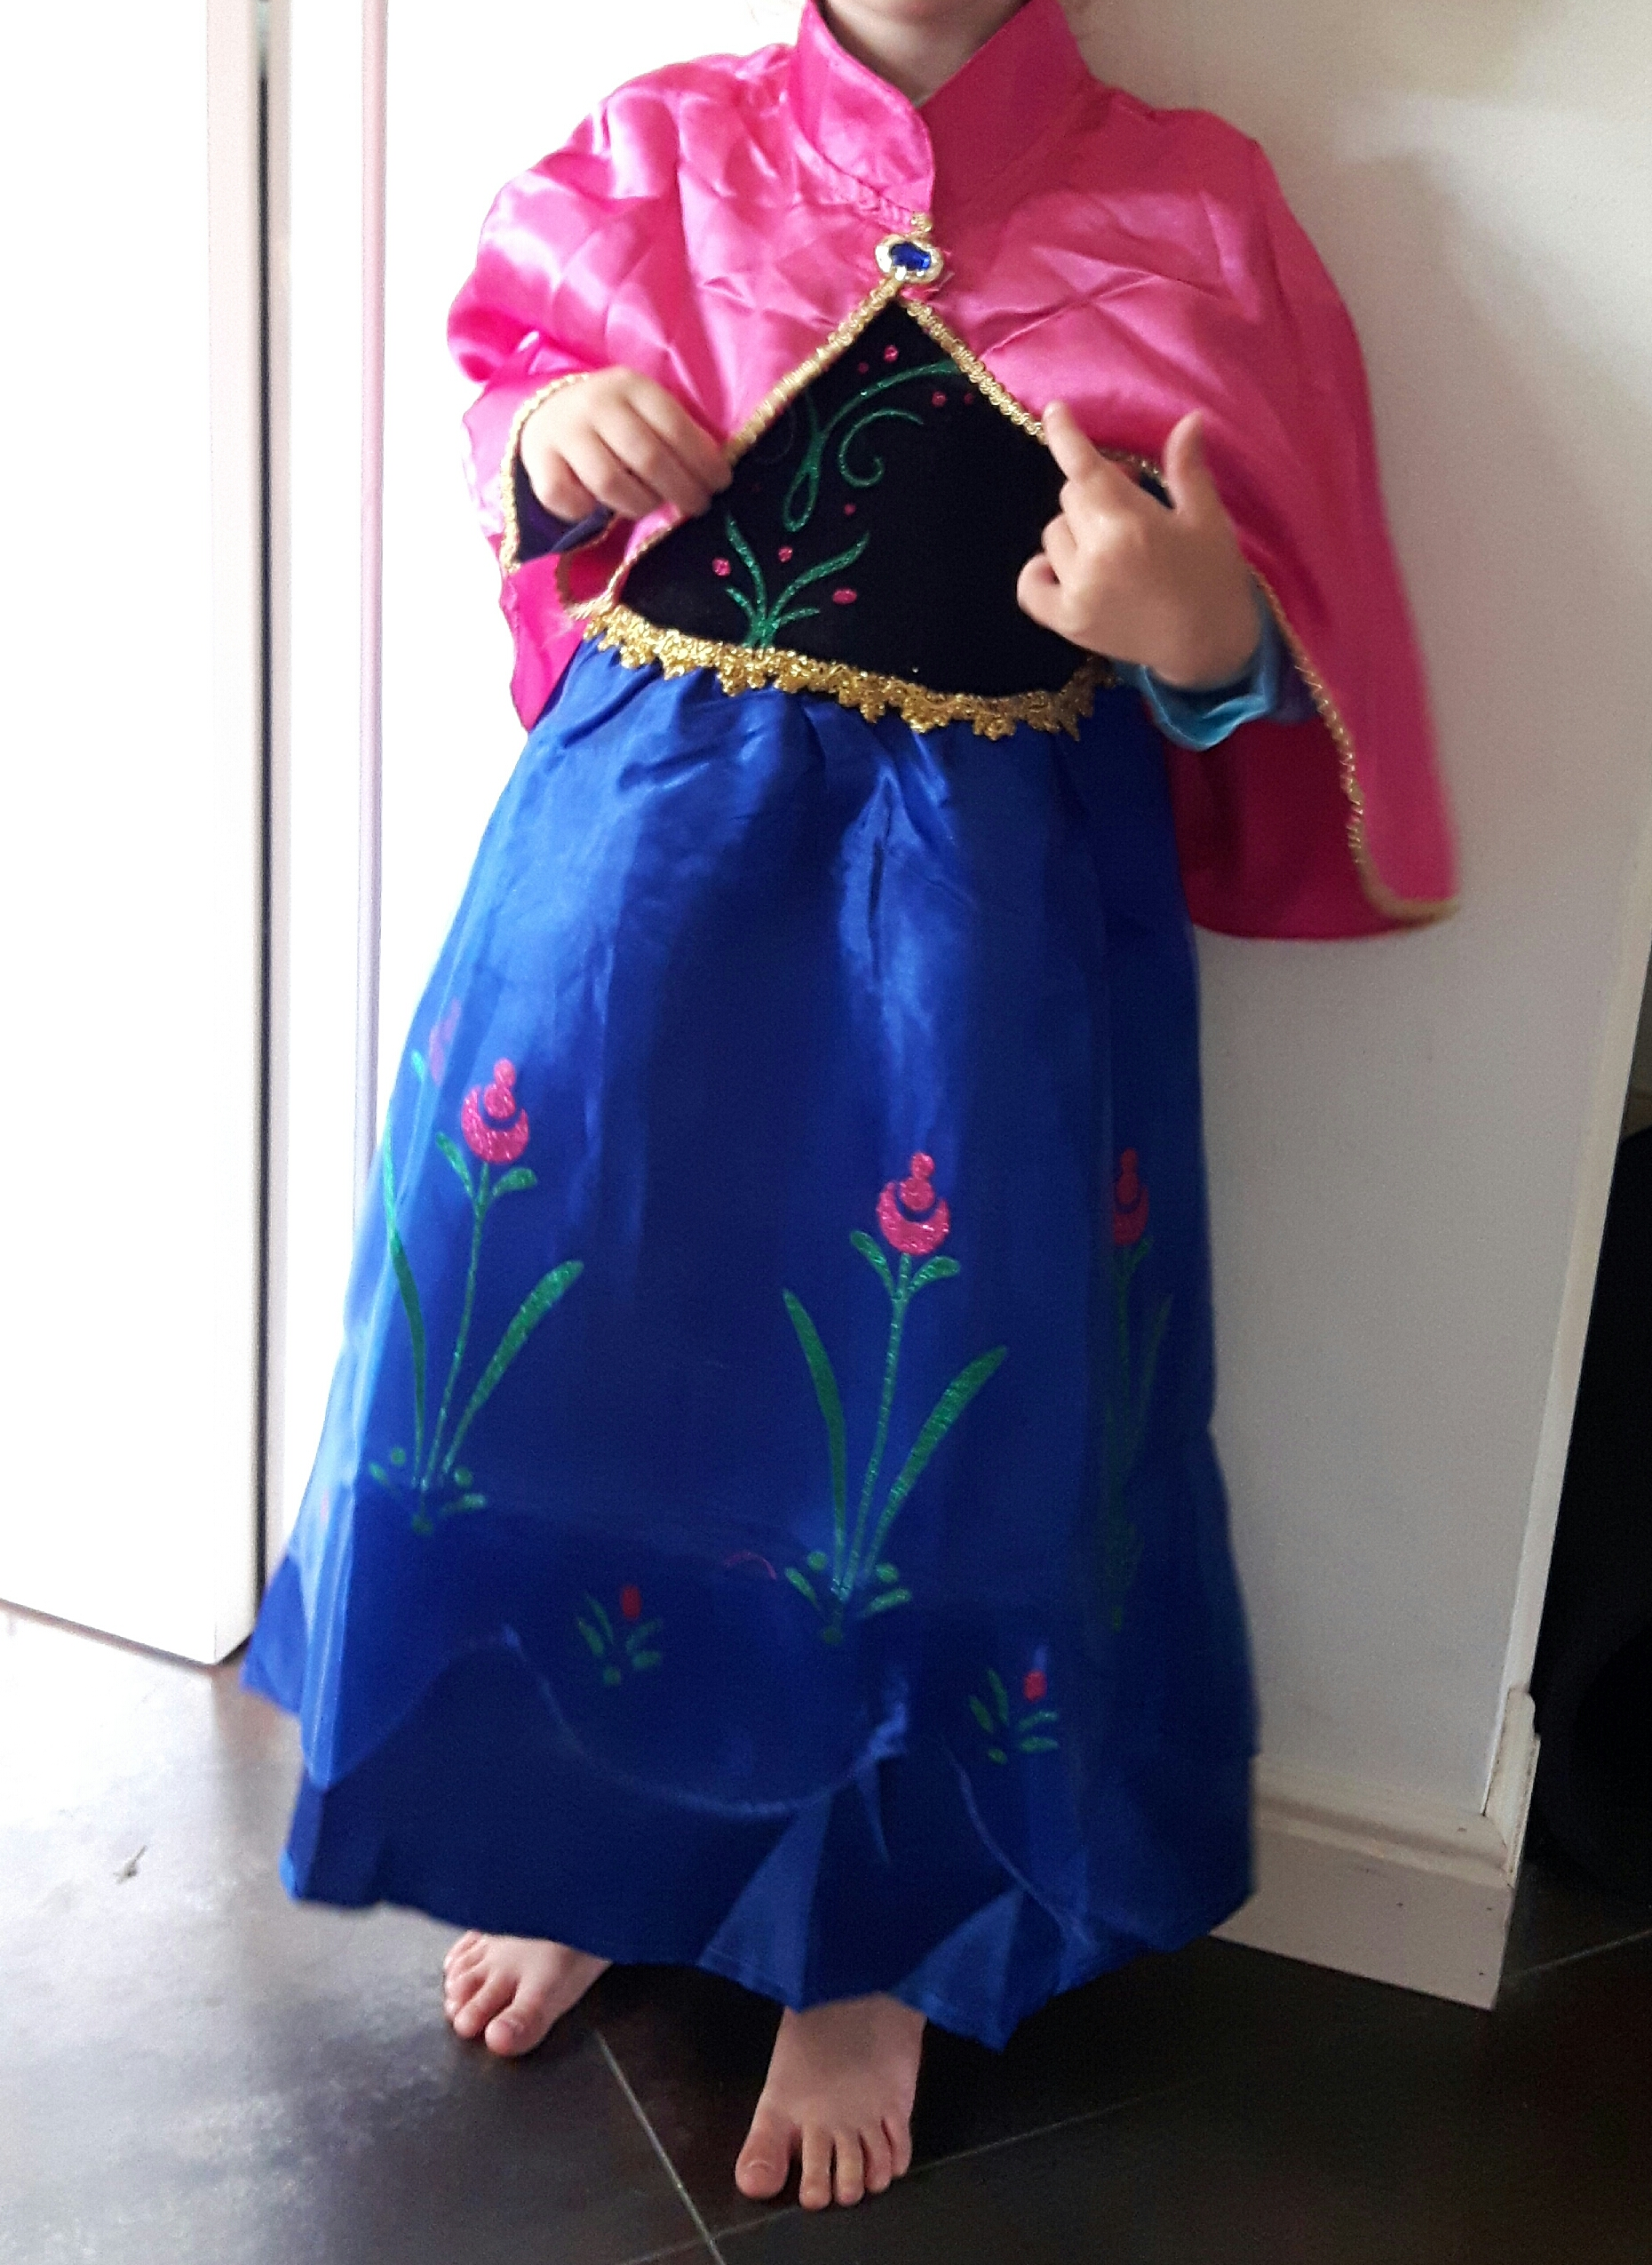 Frozen Anna jurk - Bij Bambini